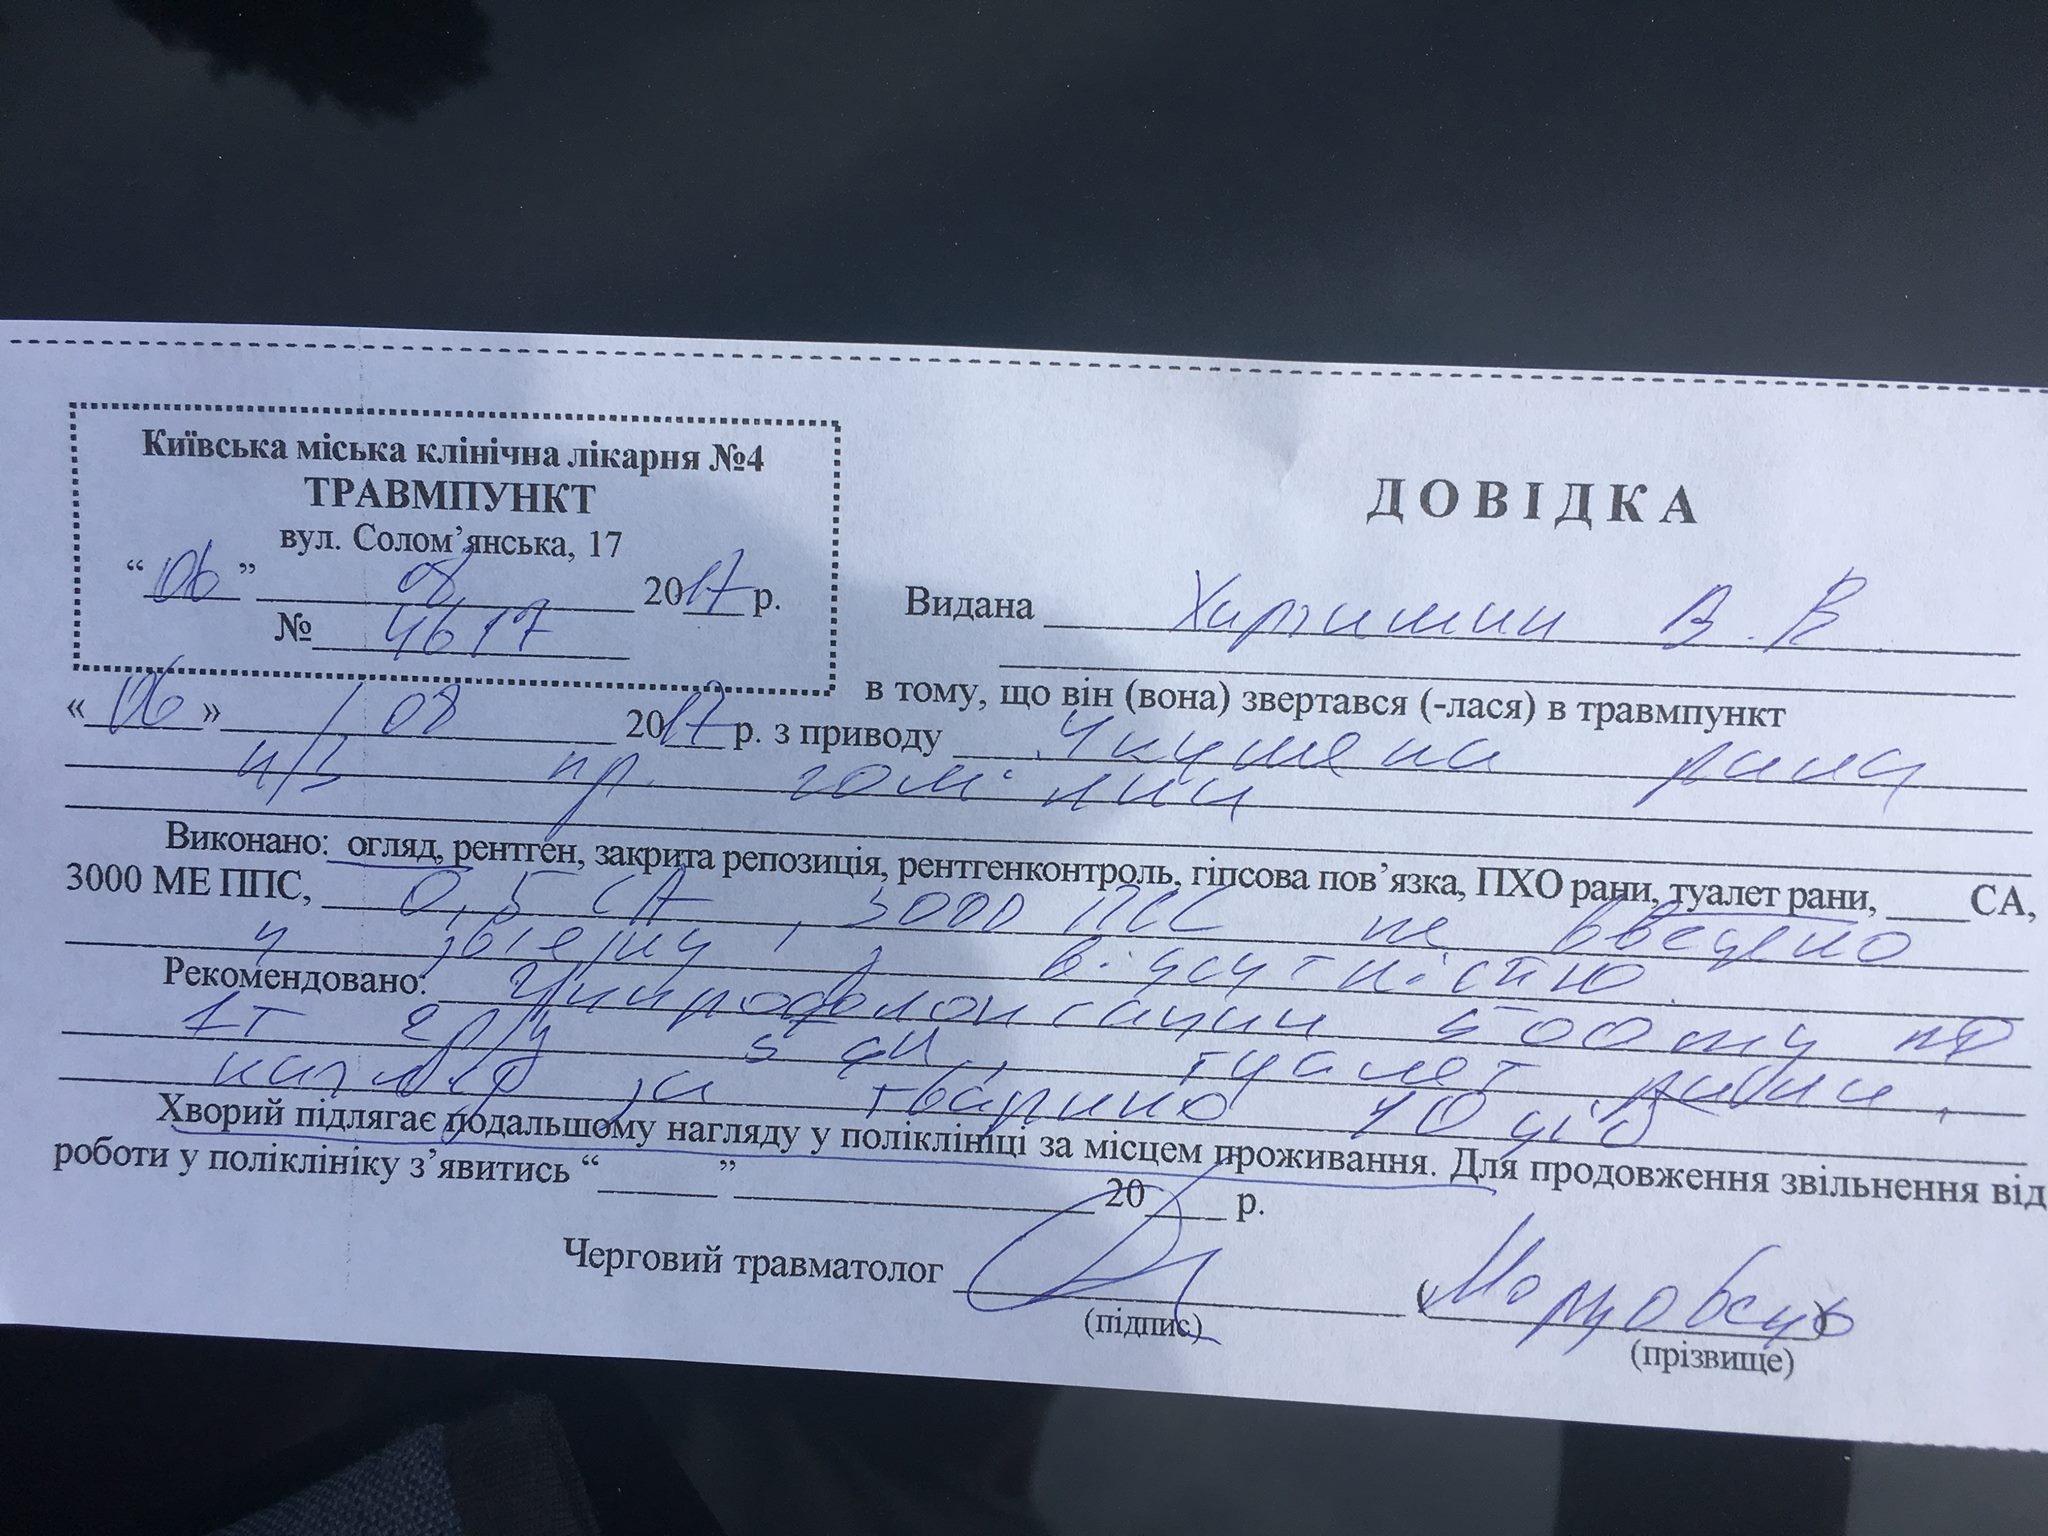 valeriy-harchishin-opolchilsya-protiv-ukrainskoy-mediciny-1